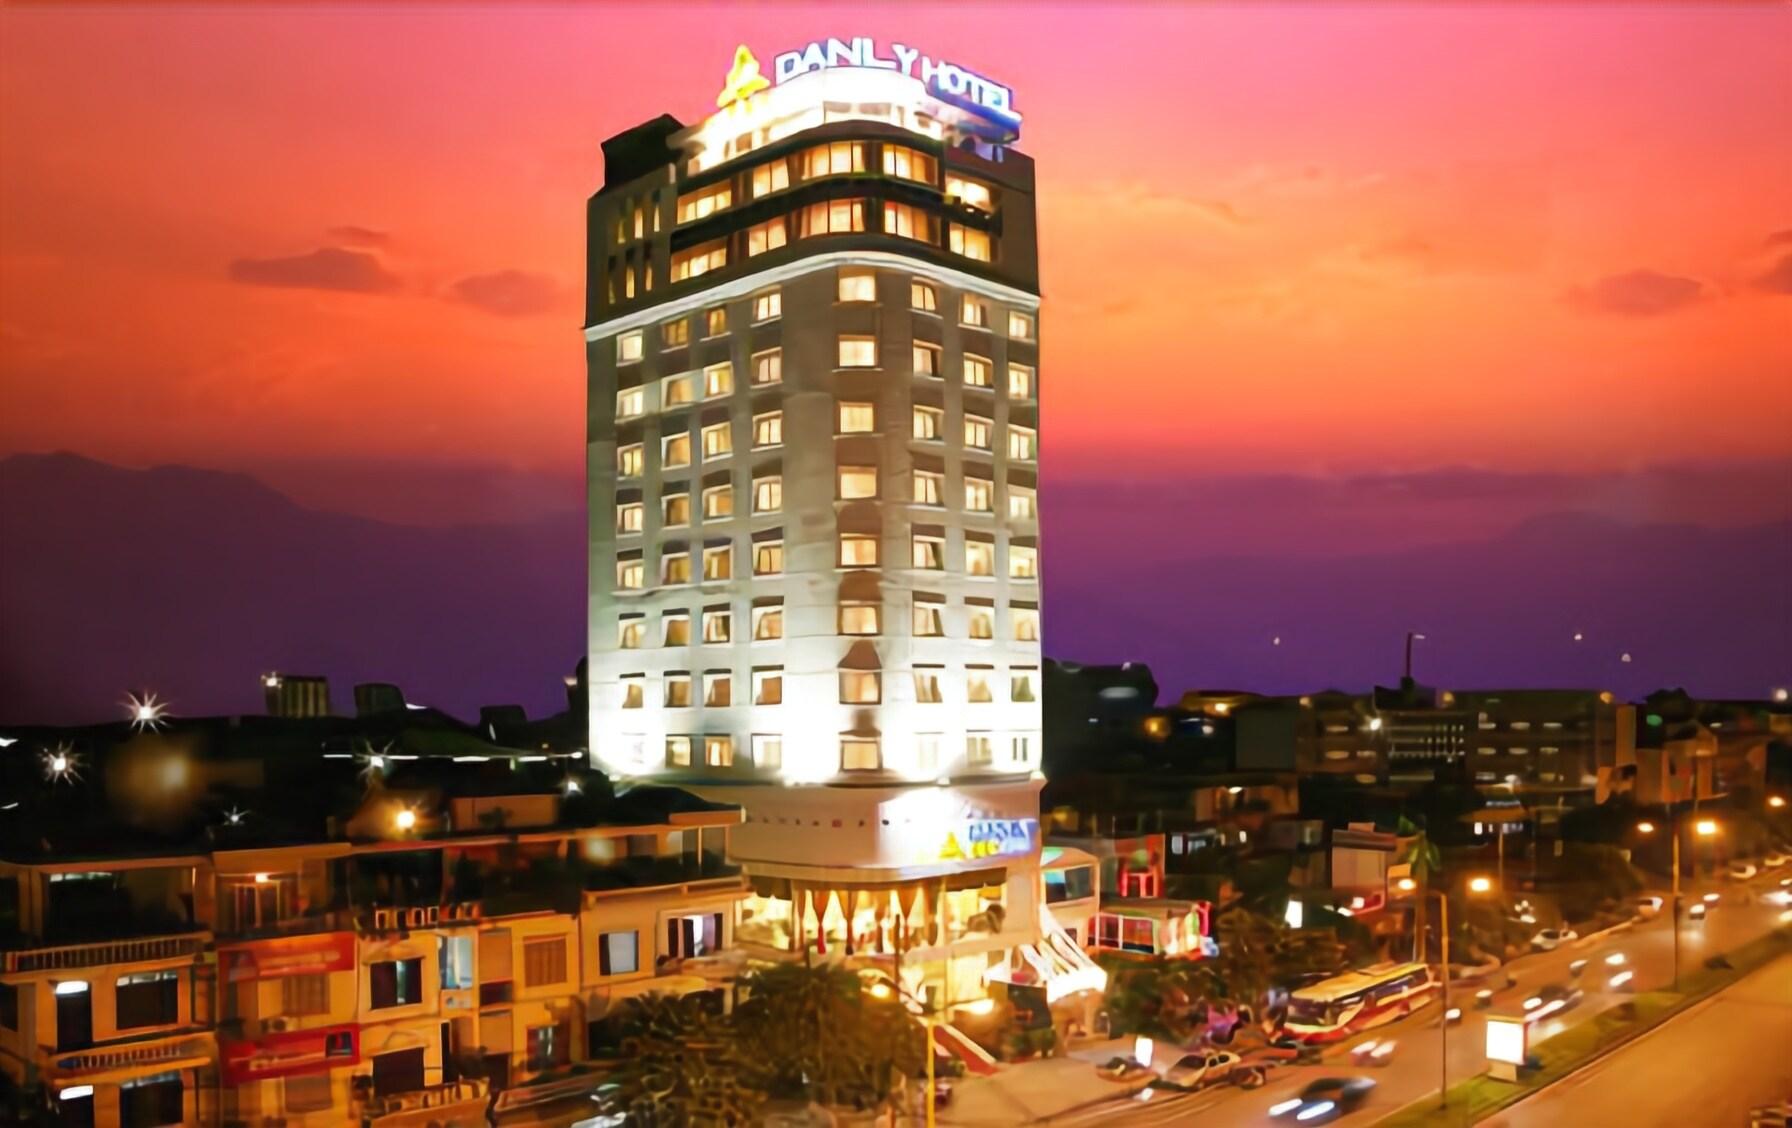 Danly Hotel, Ba Đình